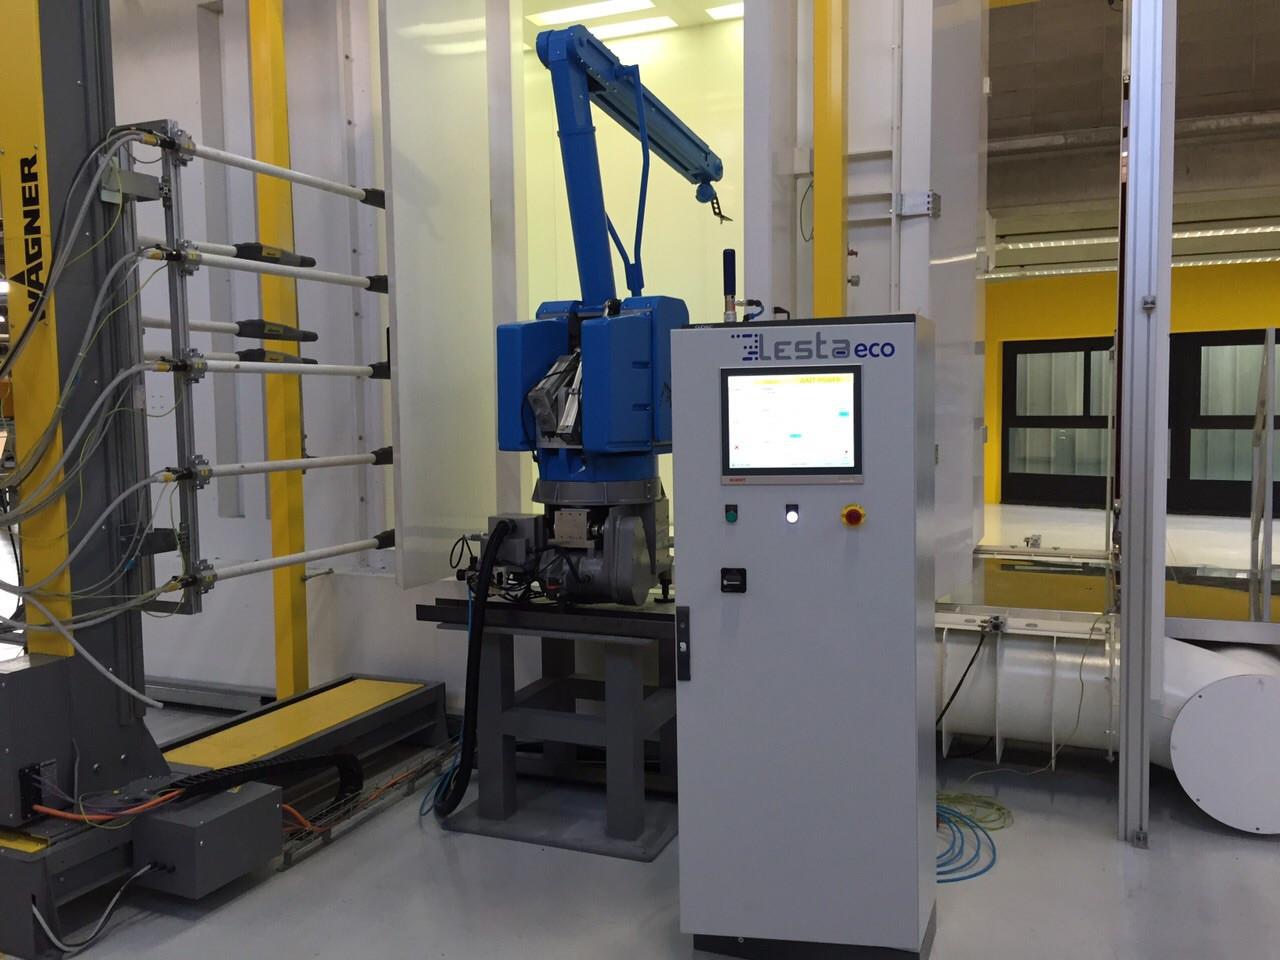 Покрасочный роботизированный комплексLesta LeBot R500 A5 (Б/У) - HYDROMARKET - Гидравлика на Cамосвалы и Cпецтехника европейского качества в Киеве